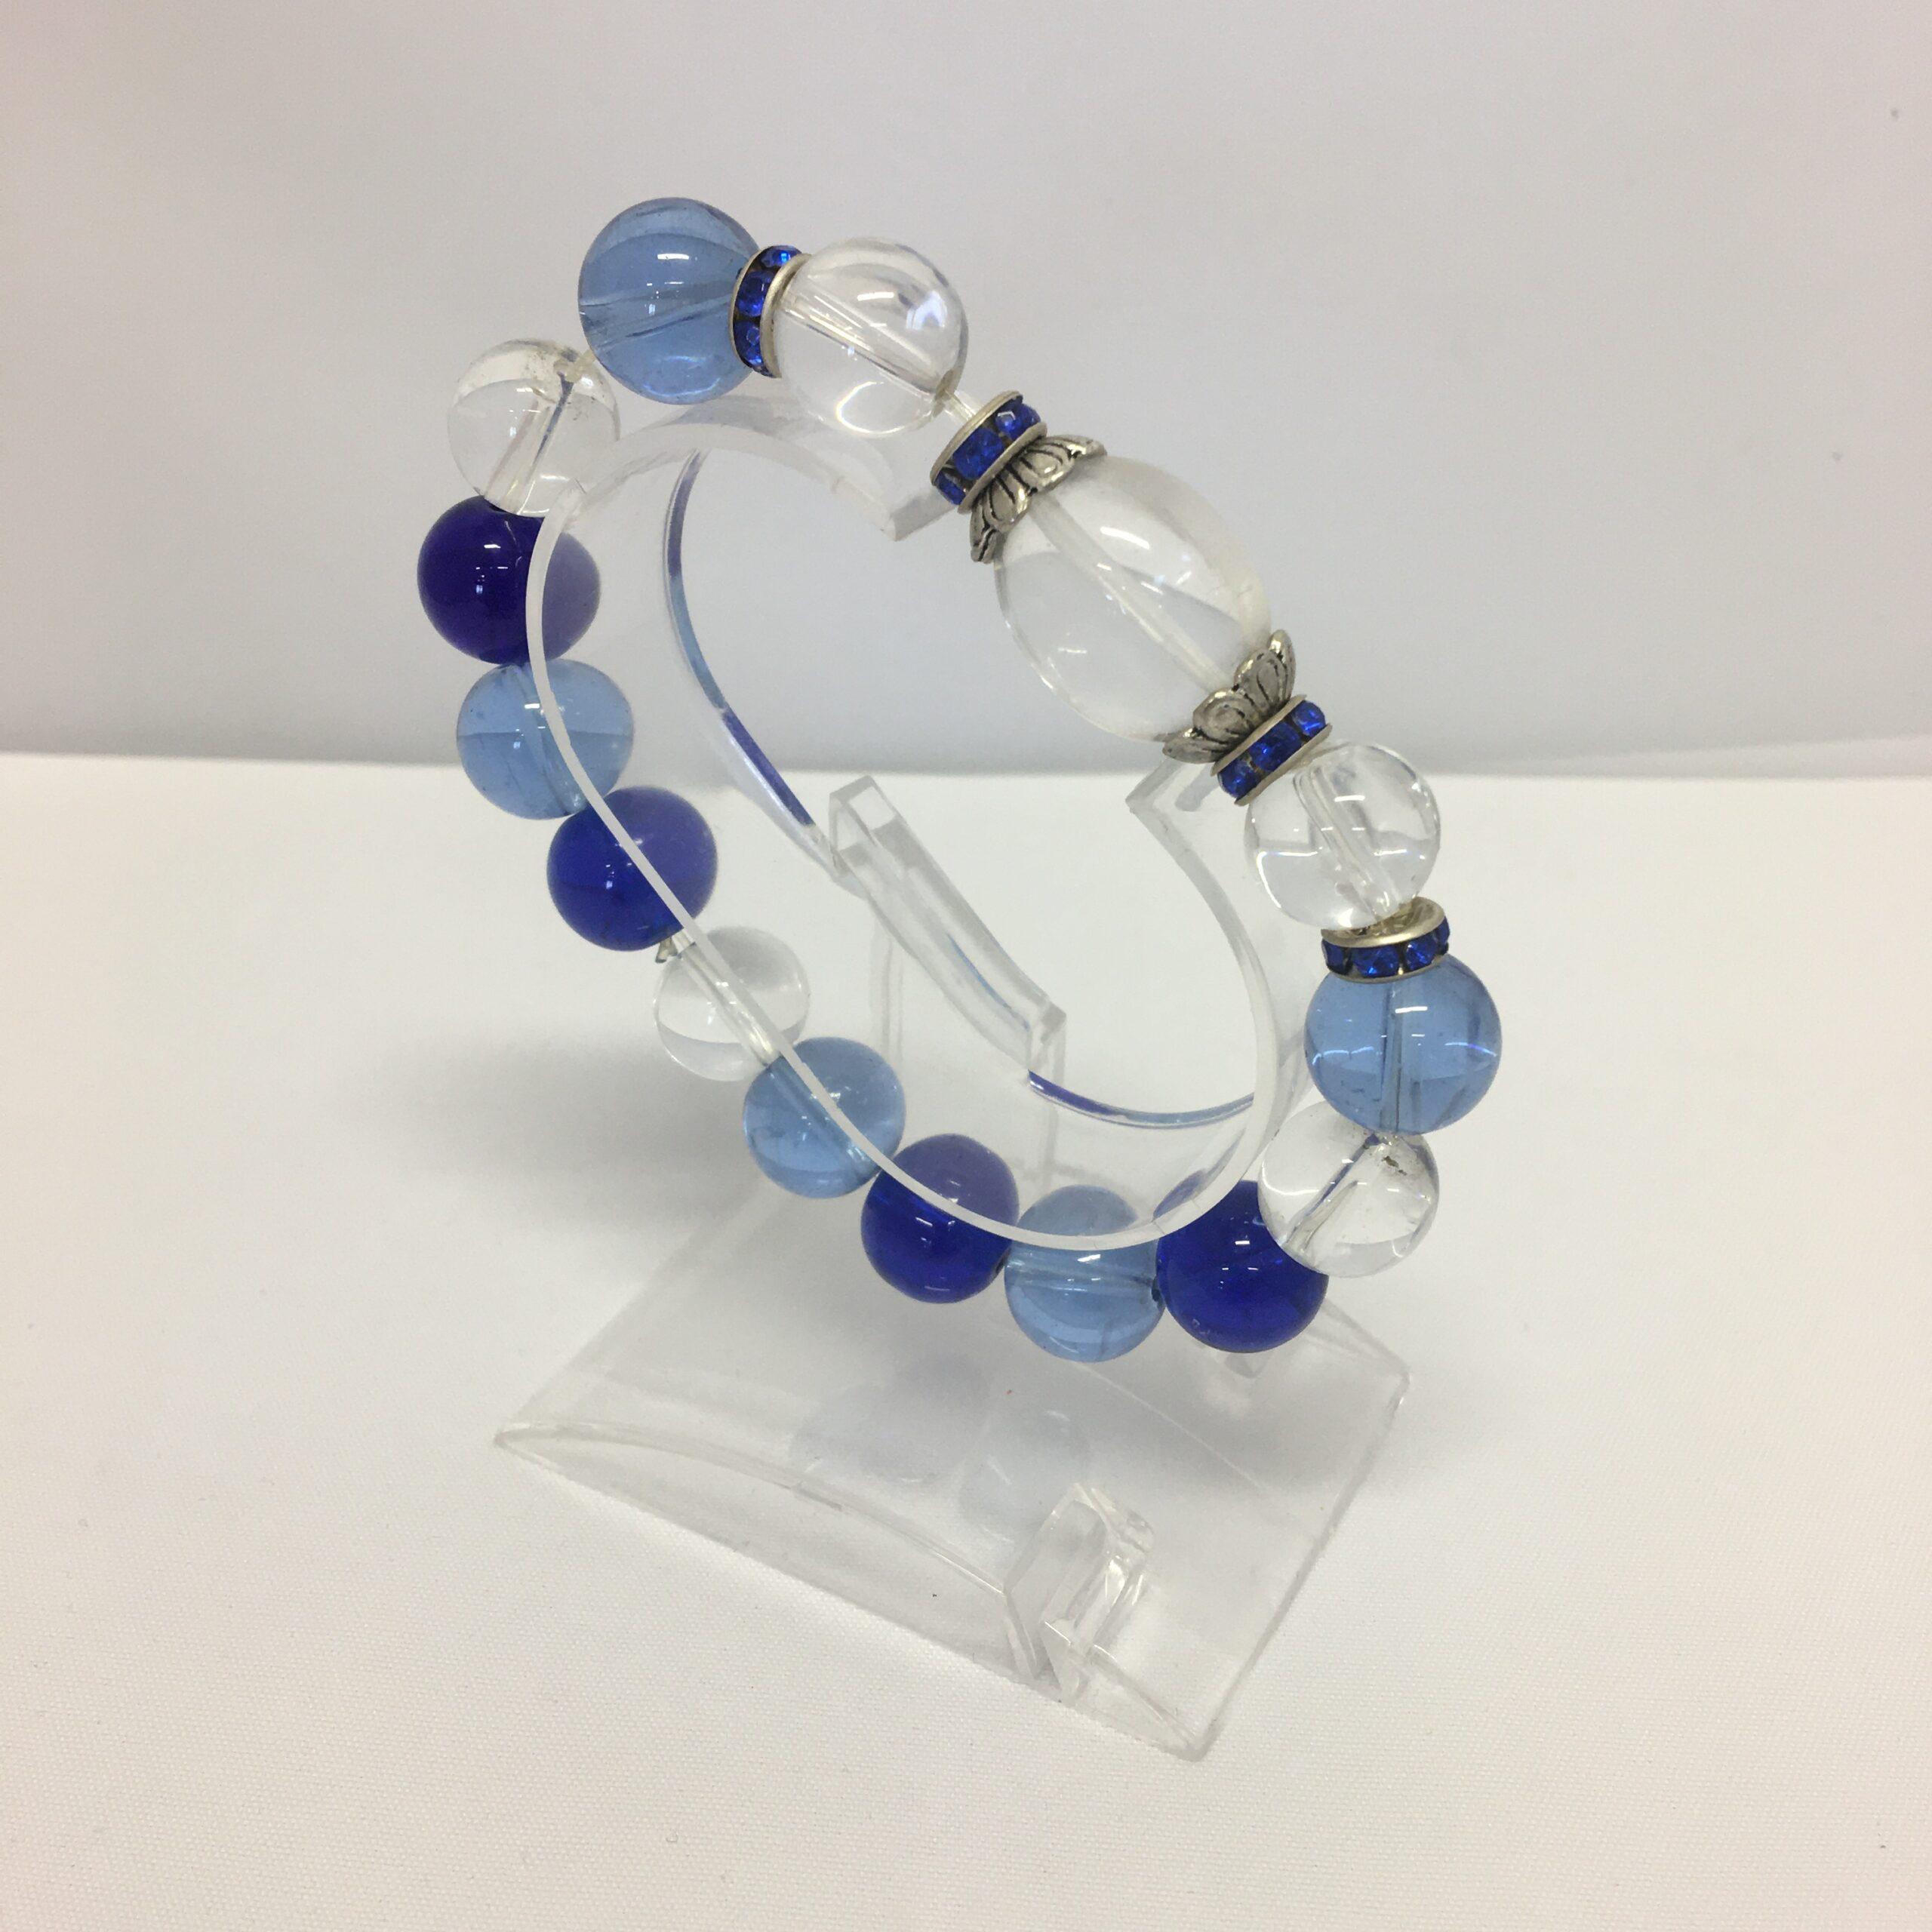 käevõru mäekristall+sinine kvarts+ilupärlid (1376)